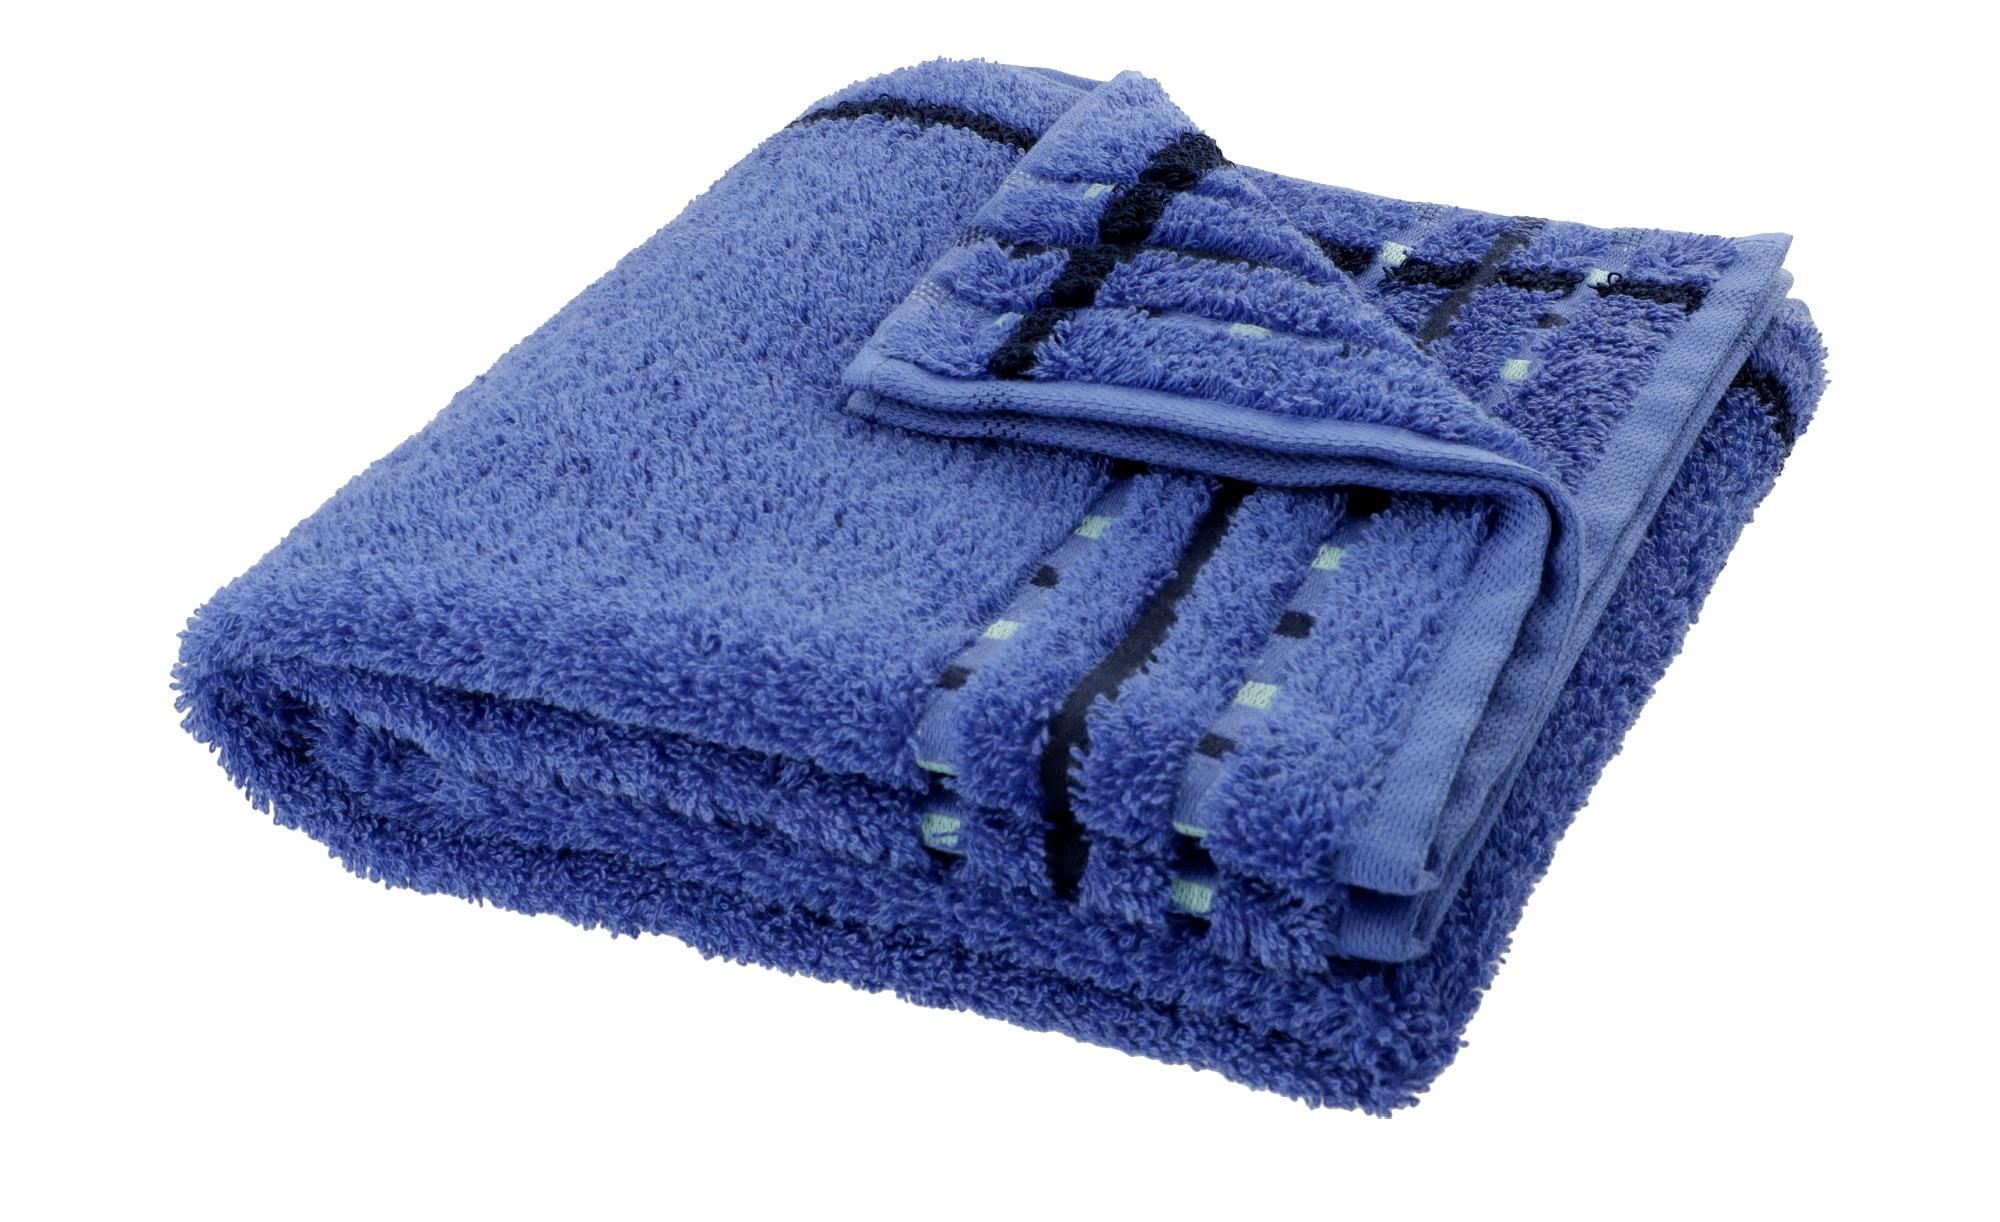 VOSSEN Handtuch  Atletico ¦ blau ¦ 100% Baumwolle ¦ Maße (cm): B: 50 Badtextilien und Zubehör > Handtücher & Badetücher > Handtücher - Höffner